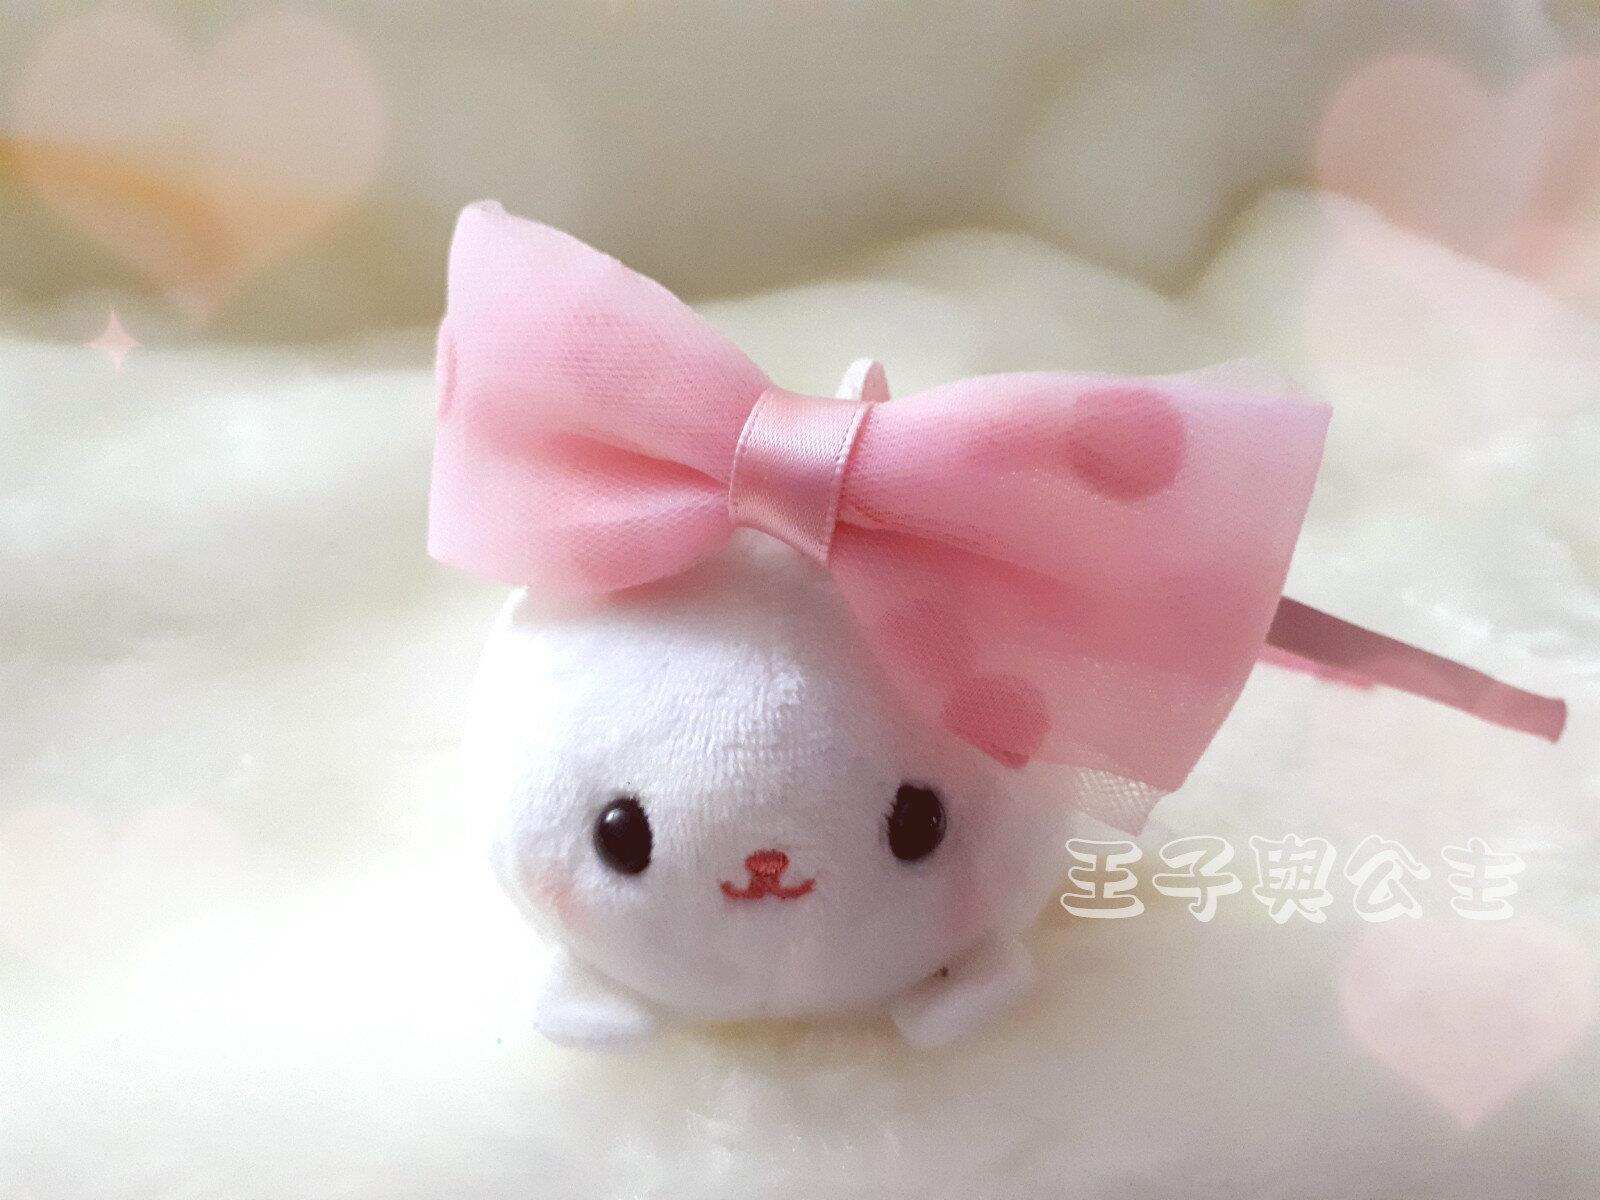 兒童髮箍 浪漫和風系清新復古綢緞帶蝴蝶結髮箍AA015 ~~~~~ 日韓  髮飾  髮帶